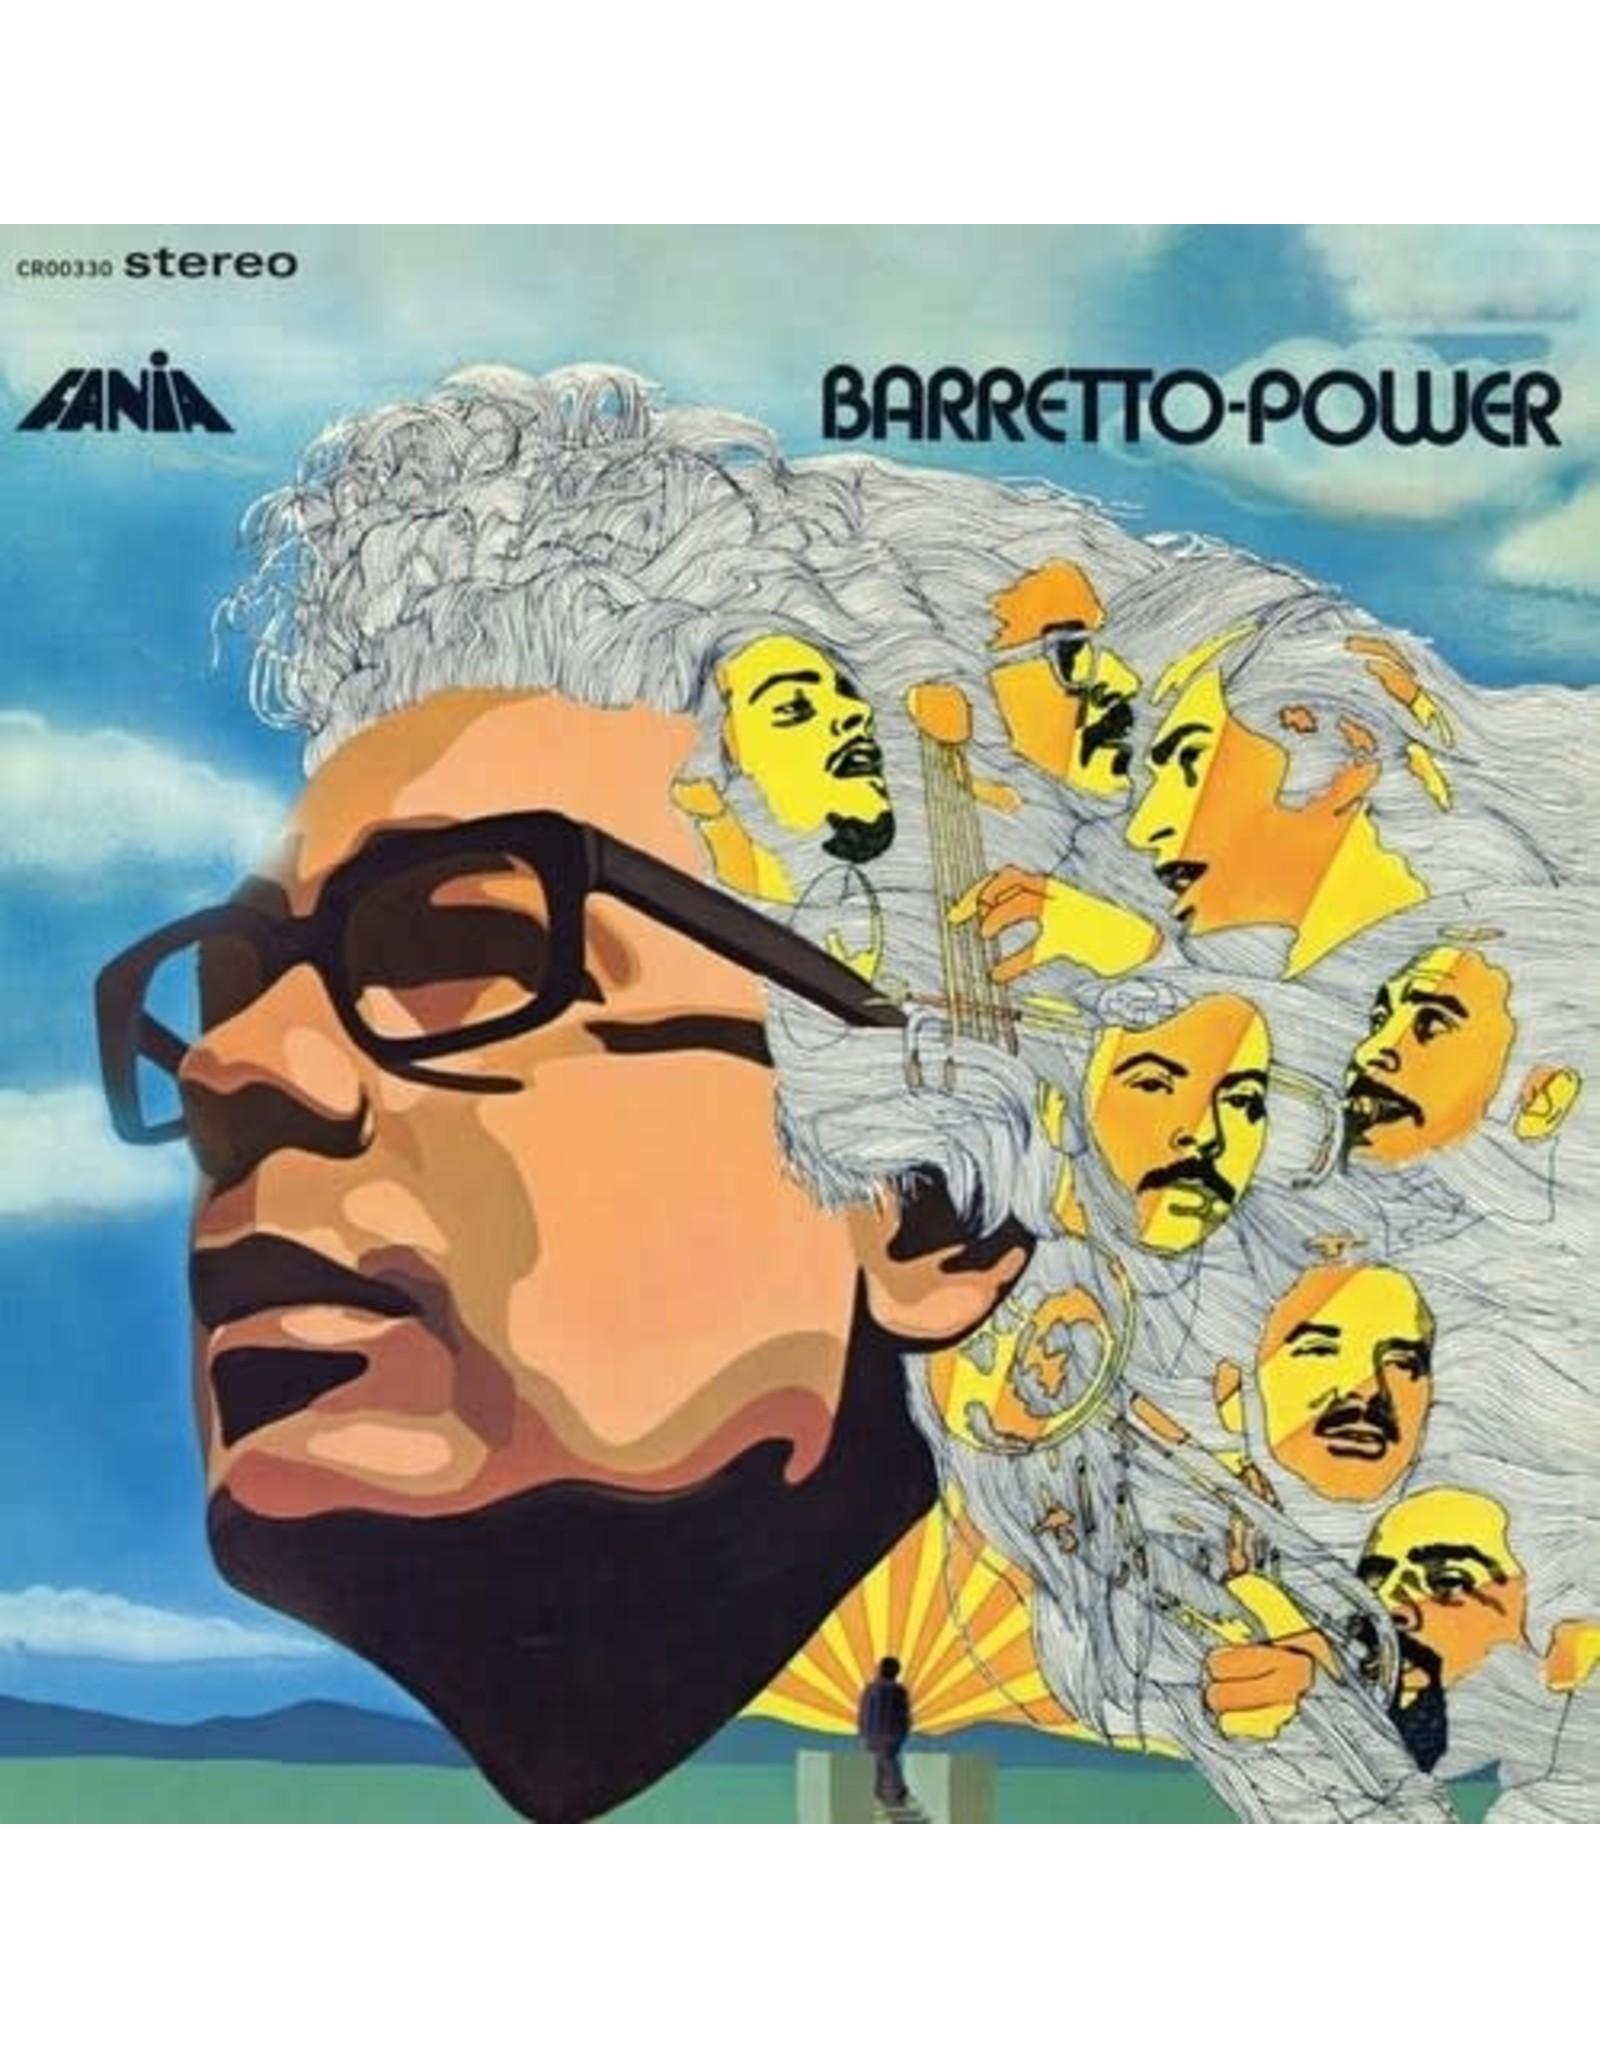 New Vinyl Ray Barretto - Barretto Power LP